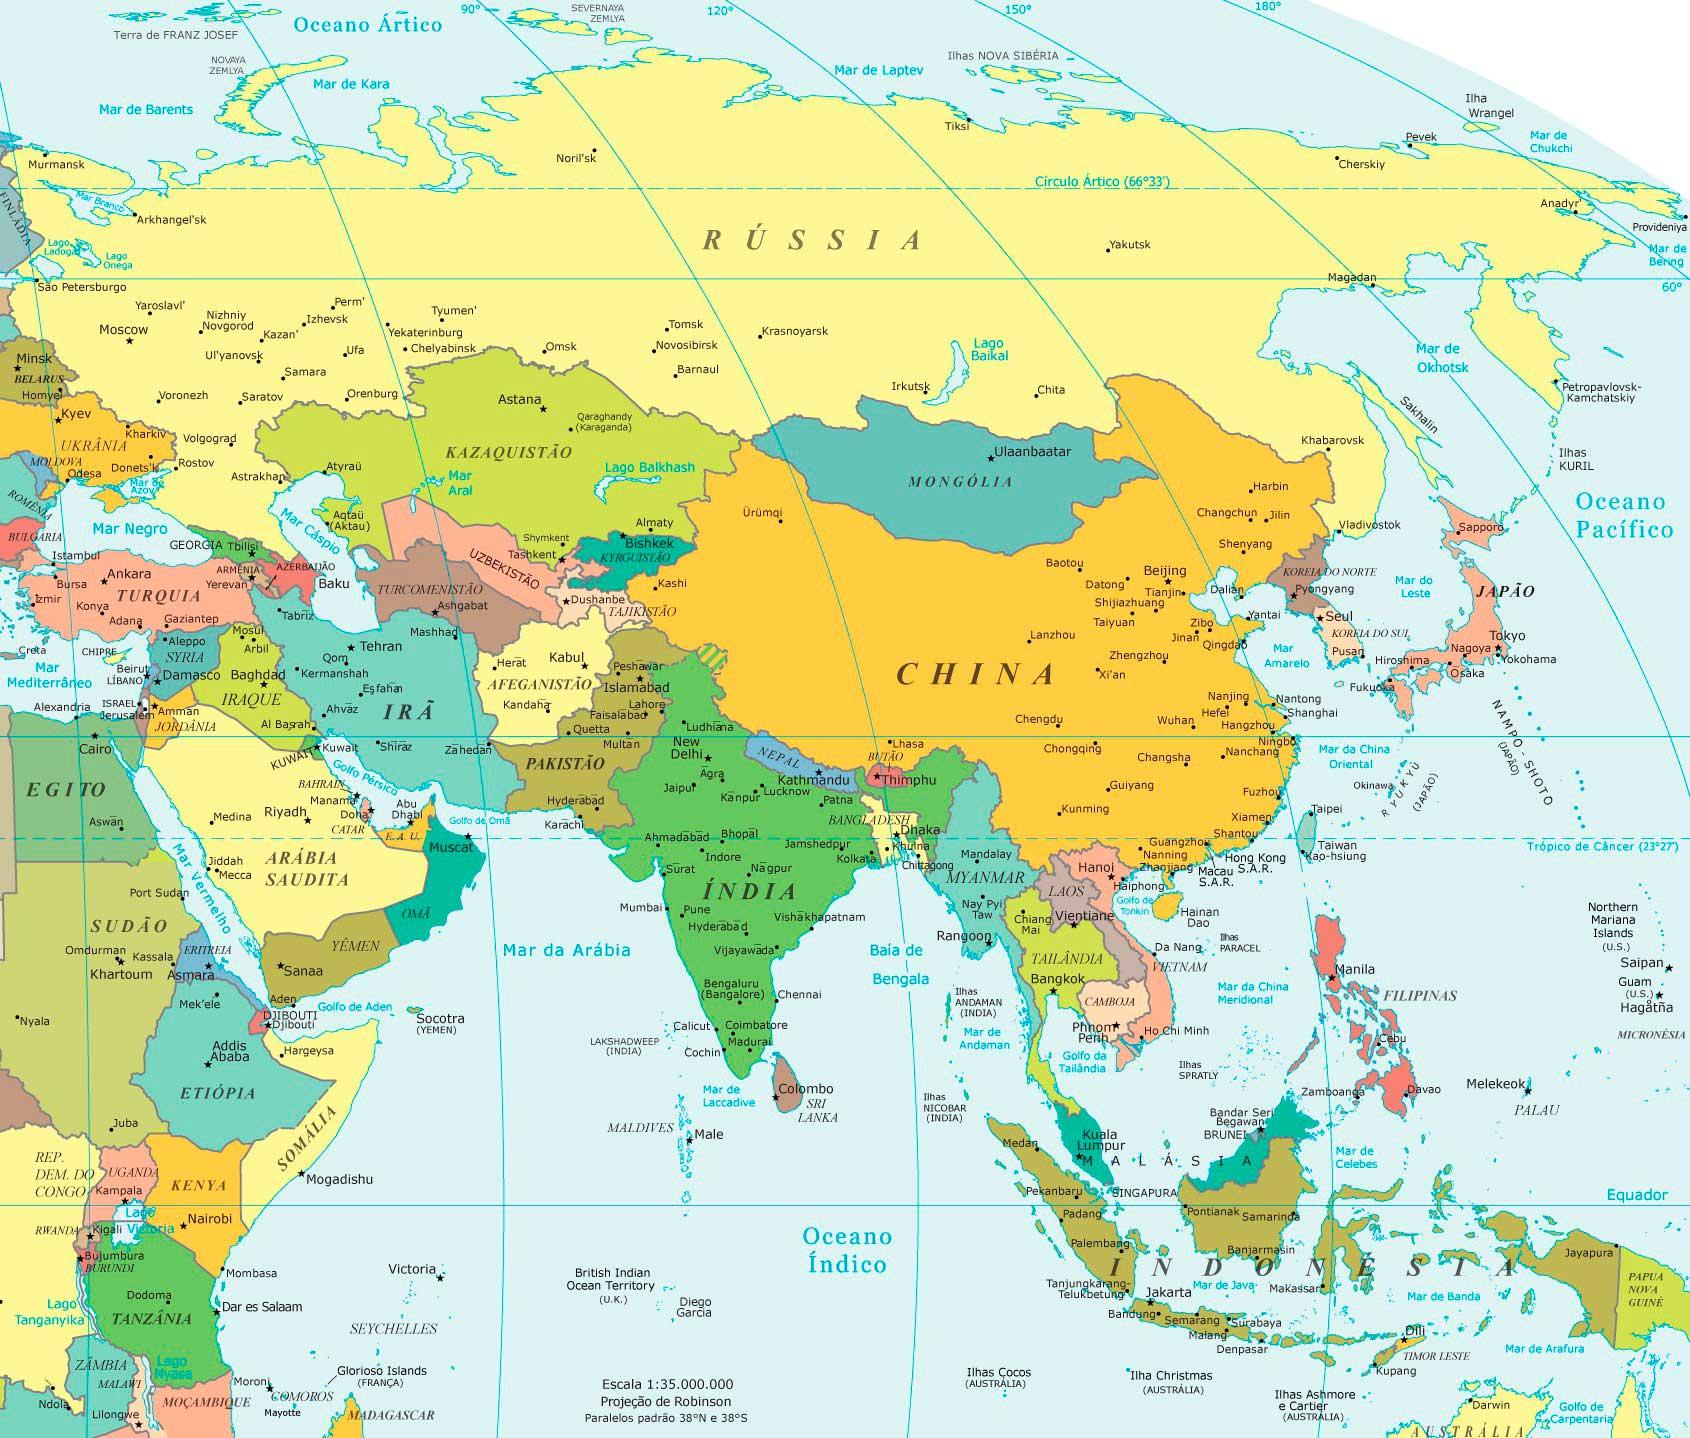 Mapa da Ásia/ Crédito foto: https://anainternationallawyer.com/2014/01/23/vietna-e-coreia-planejam-acordo-de-livre-comercio-de-us-70-bi-ao-ano/